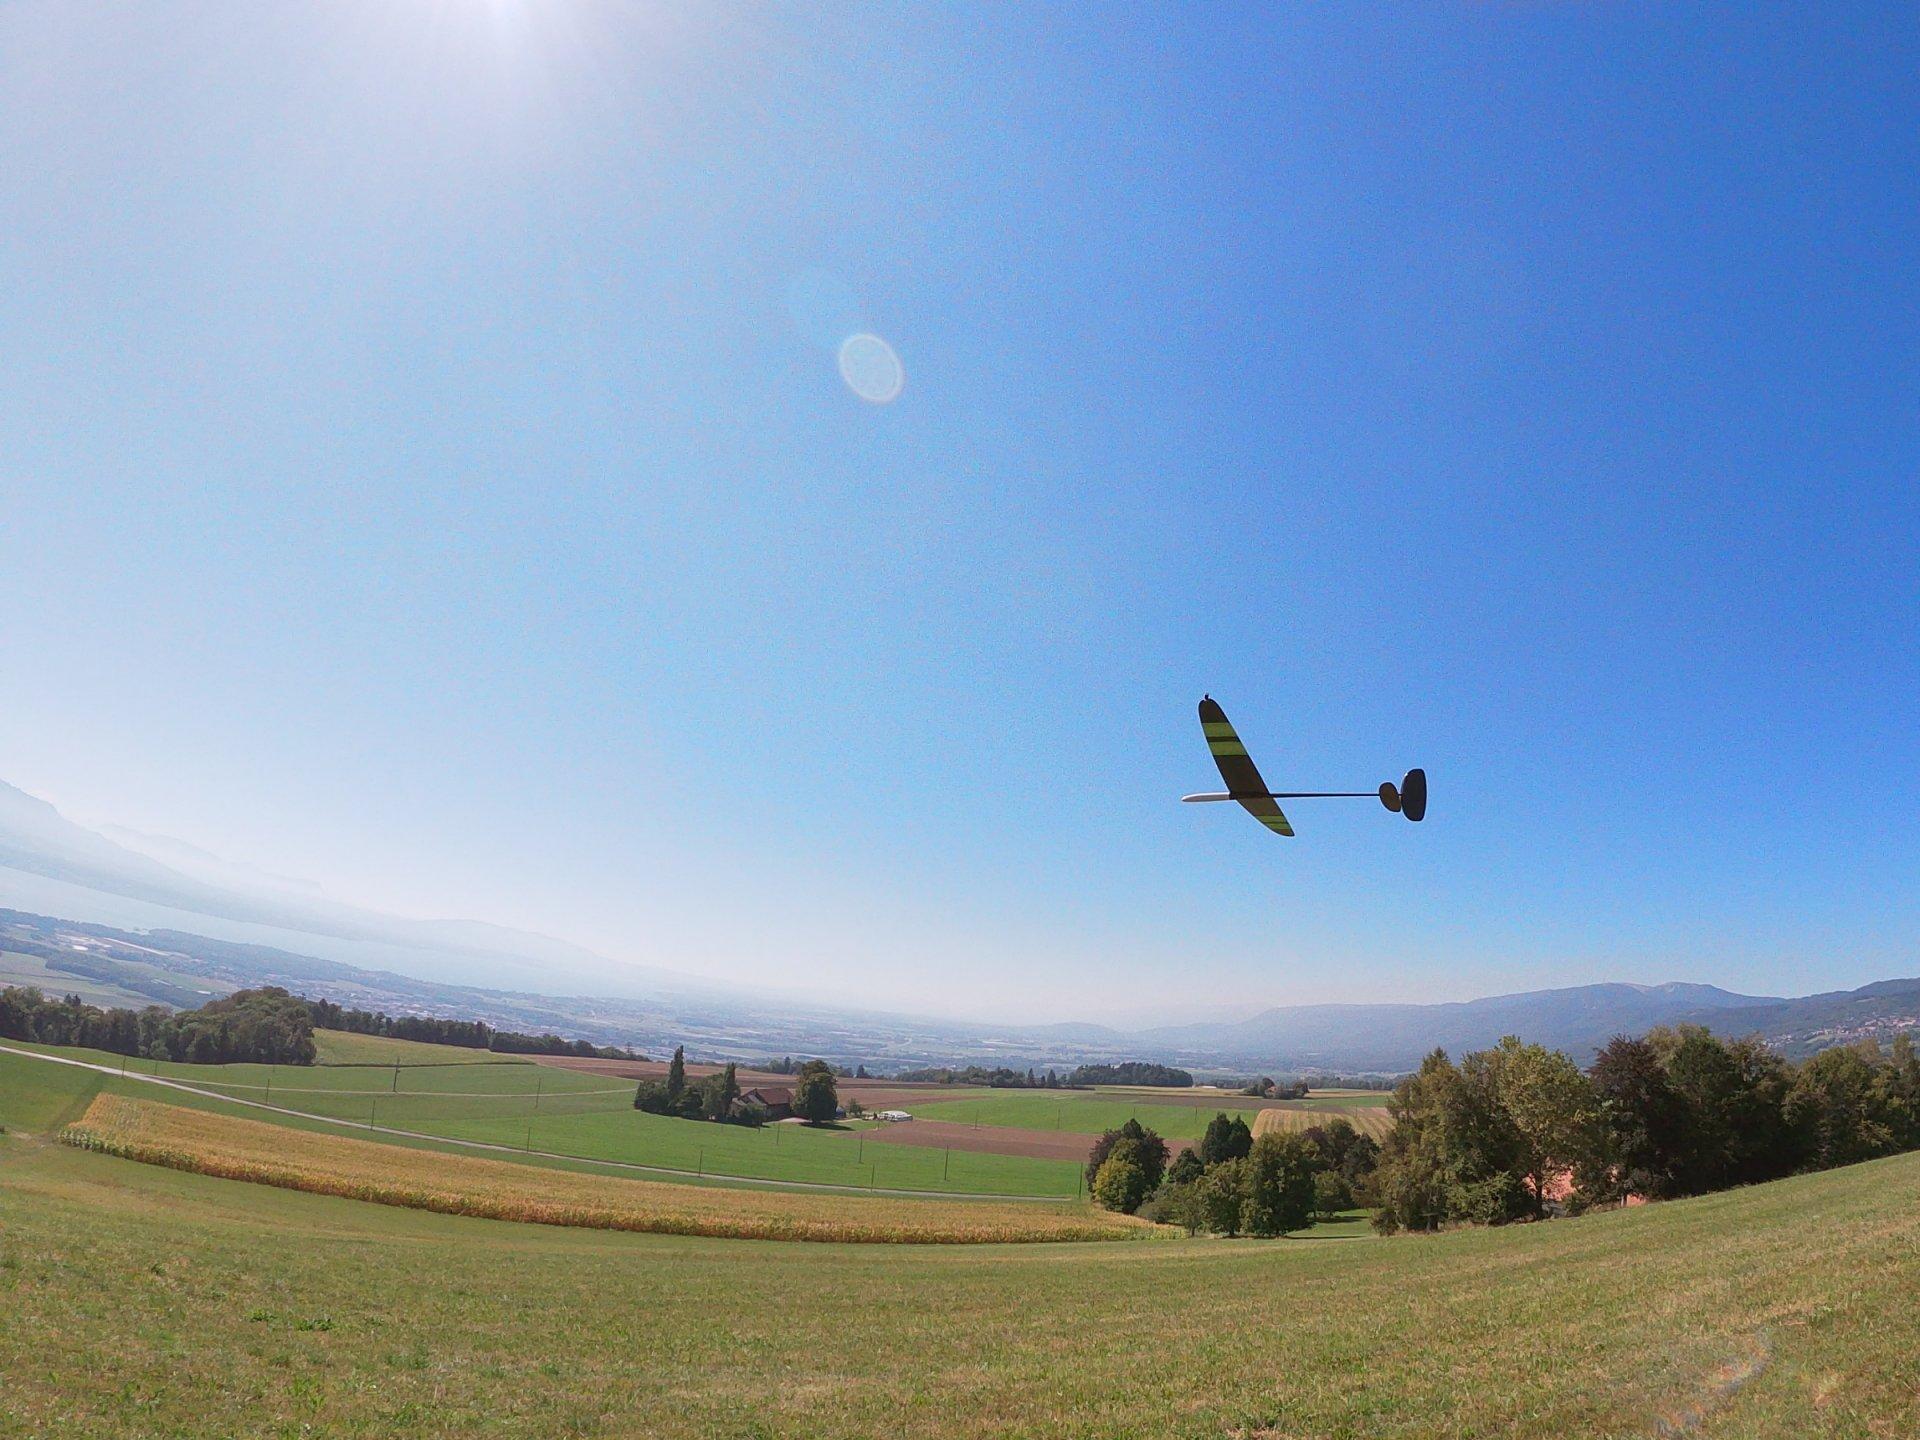 kite_burtigny.jpeg